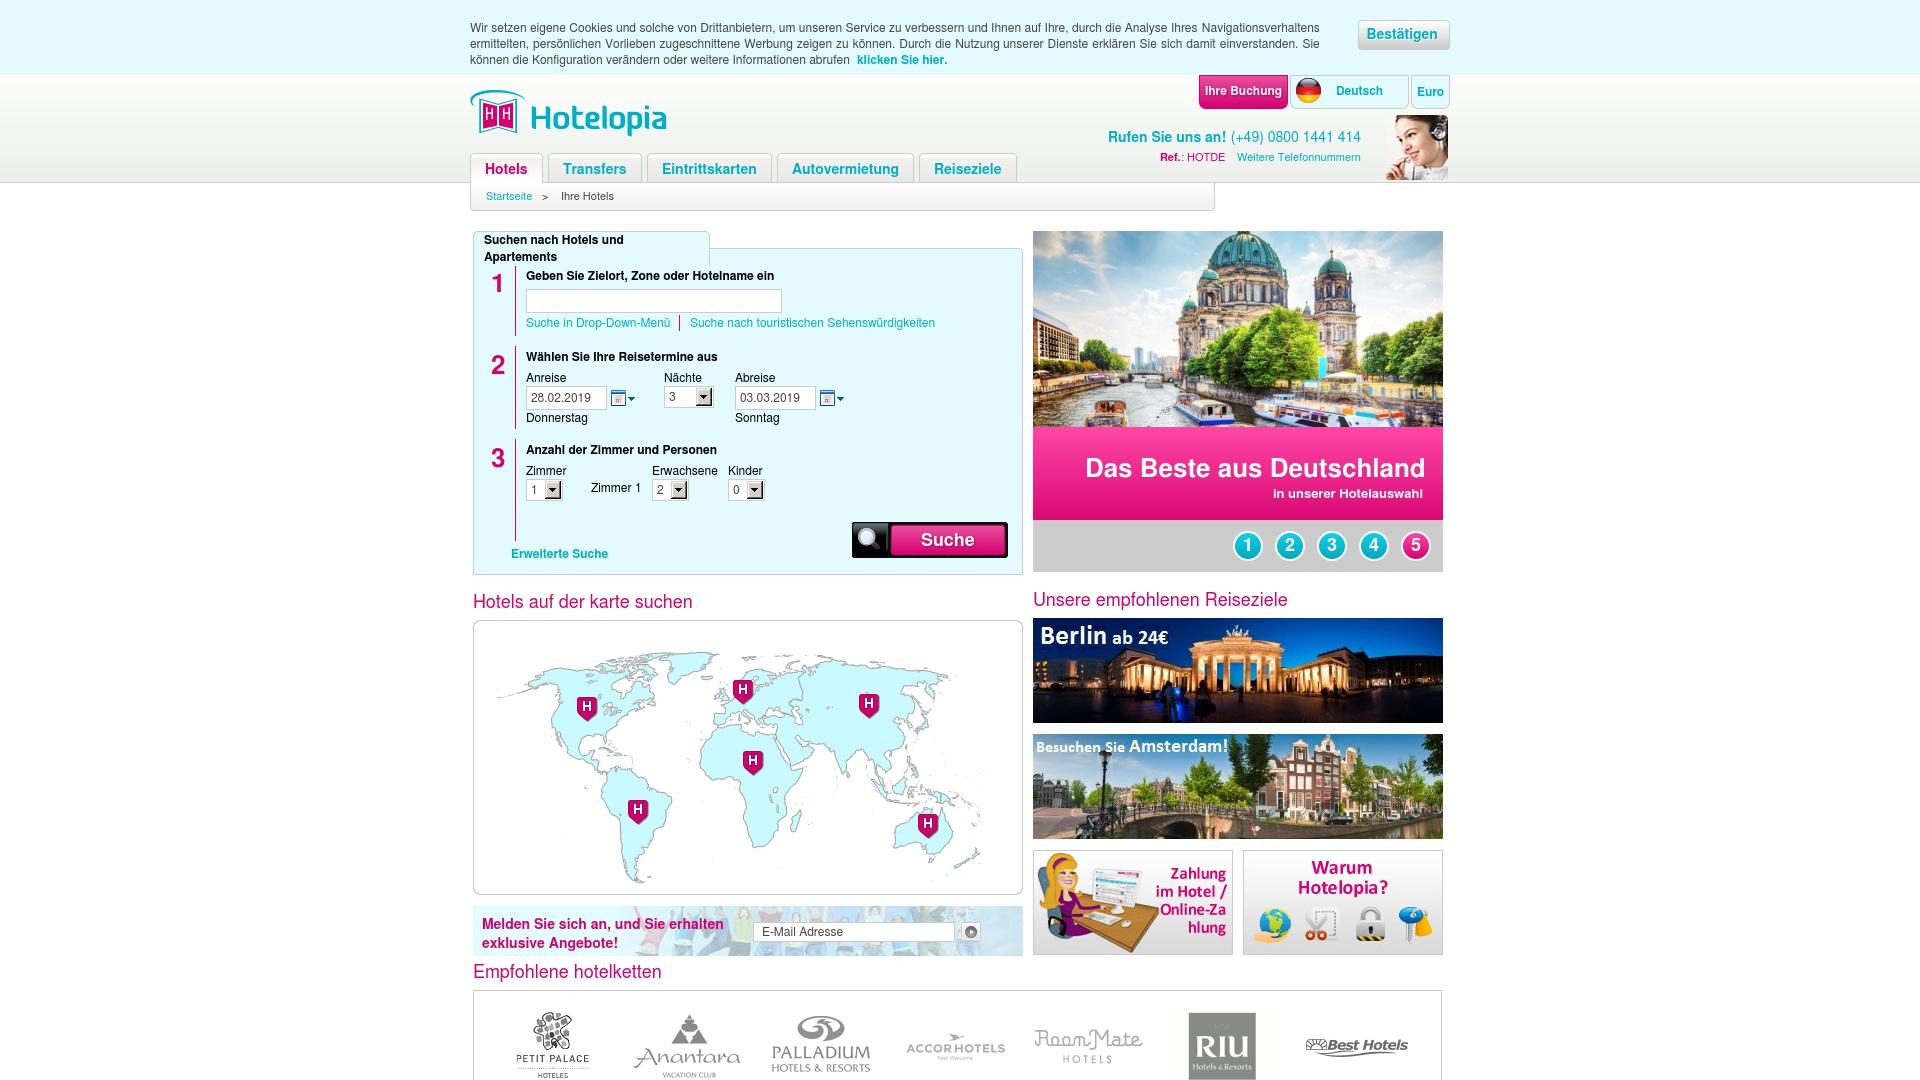 Gutschein für Hotelopia: Rabatte für  Hotelopia sichern